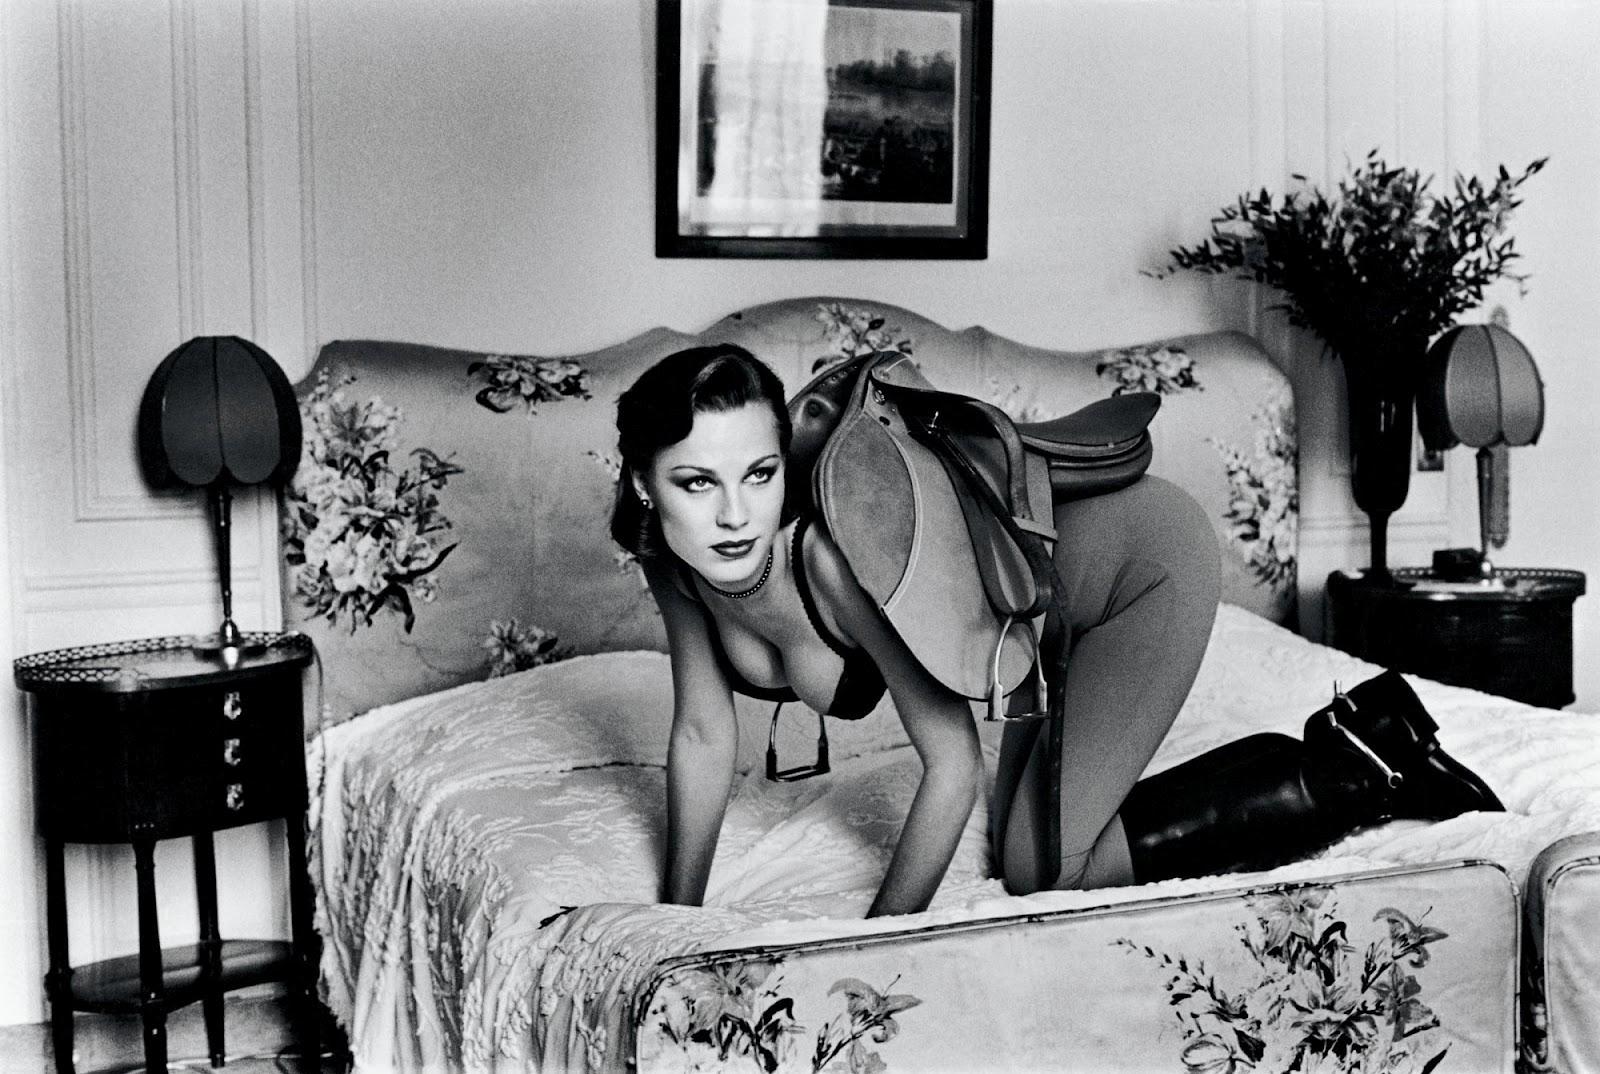 Zdjęcie czarno-białe. Kobieta klęcząca na łóżku, ubrana w czarny biustonosz, szare bryczesy oraz carne buty do jazdy konnej. Na jej plecach ułożono siodło.